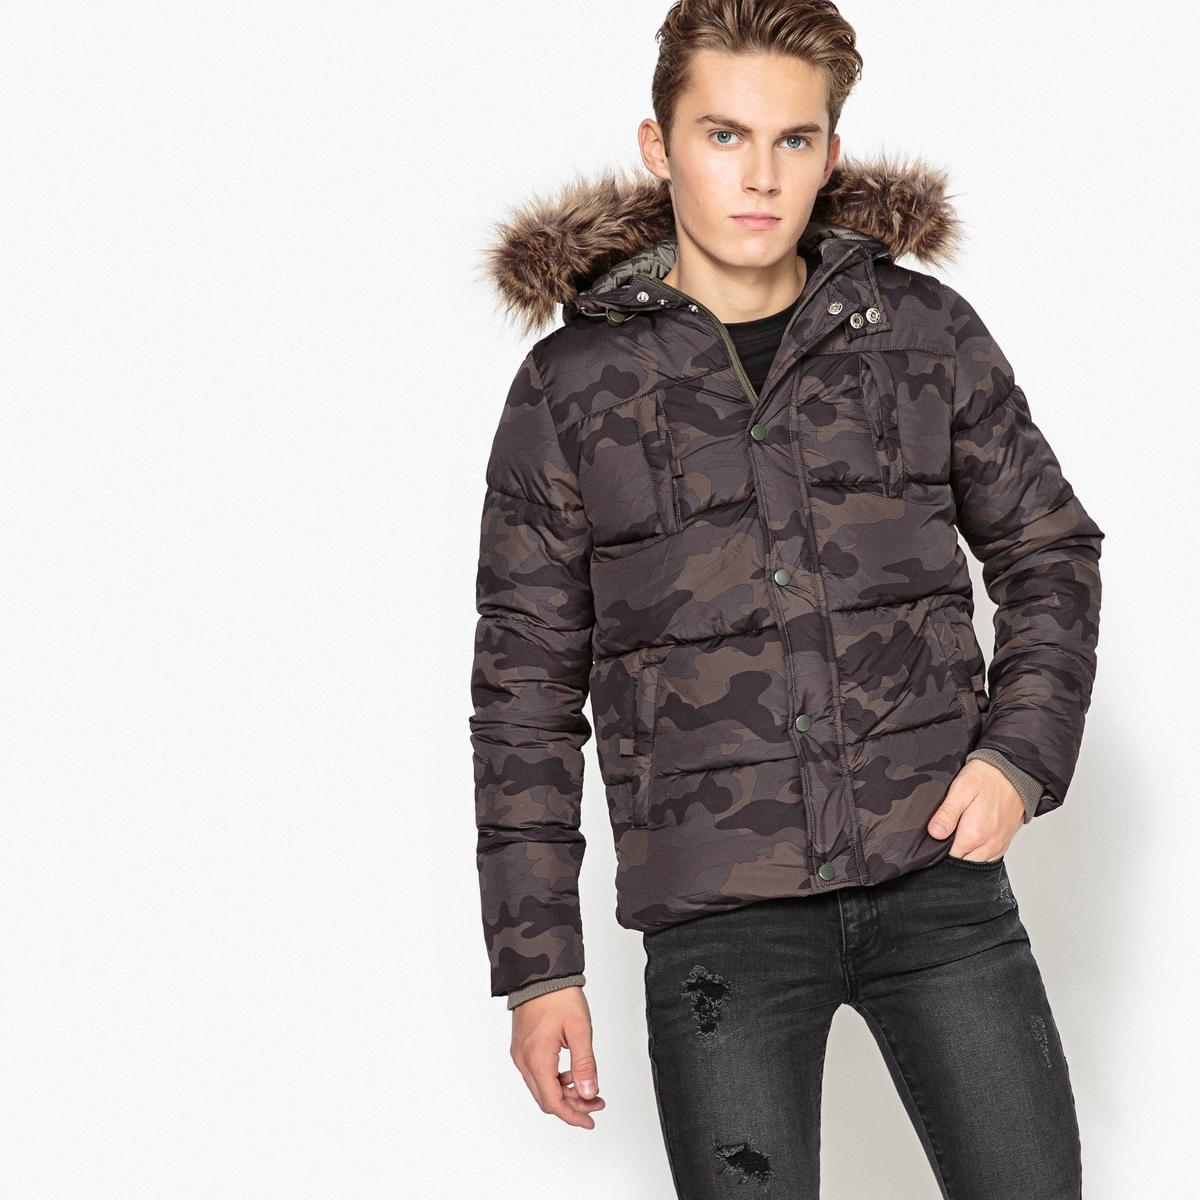 Куртка с капюшоном, 10 - 16 летОписание:Детали •  Рисунок-принт •  Зимняя модель •  Непромокаемая •  Застежка на молнию •  С капюшоном  •  Длина : укороченная  Состав и уход •  100% полиэстер  •  Подкладка : 100% полиэстер •  Наполнитель : 100% полиэстер •  Температура стирки 30°   •  Не гладить/ не отбеливать  •  Не использовать барабанную сушку • Сухая чистка запрещена<br><br>Цвет: камуфляж<br>Размер: 10 лет - 138 см.16 лет - 174 см.12 лет -150 см